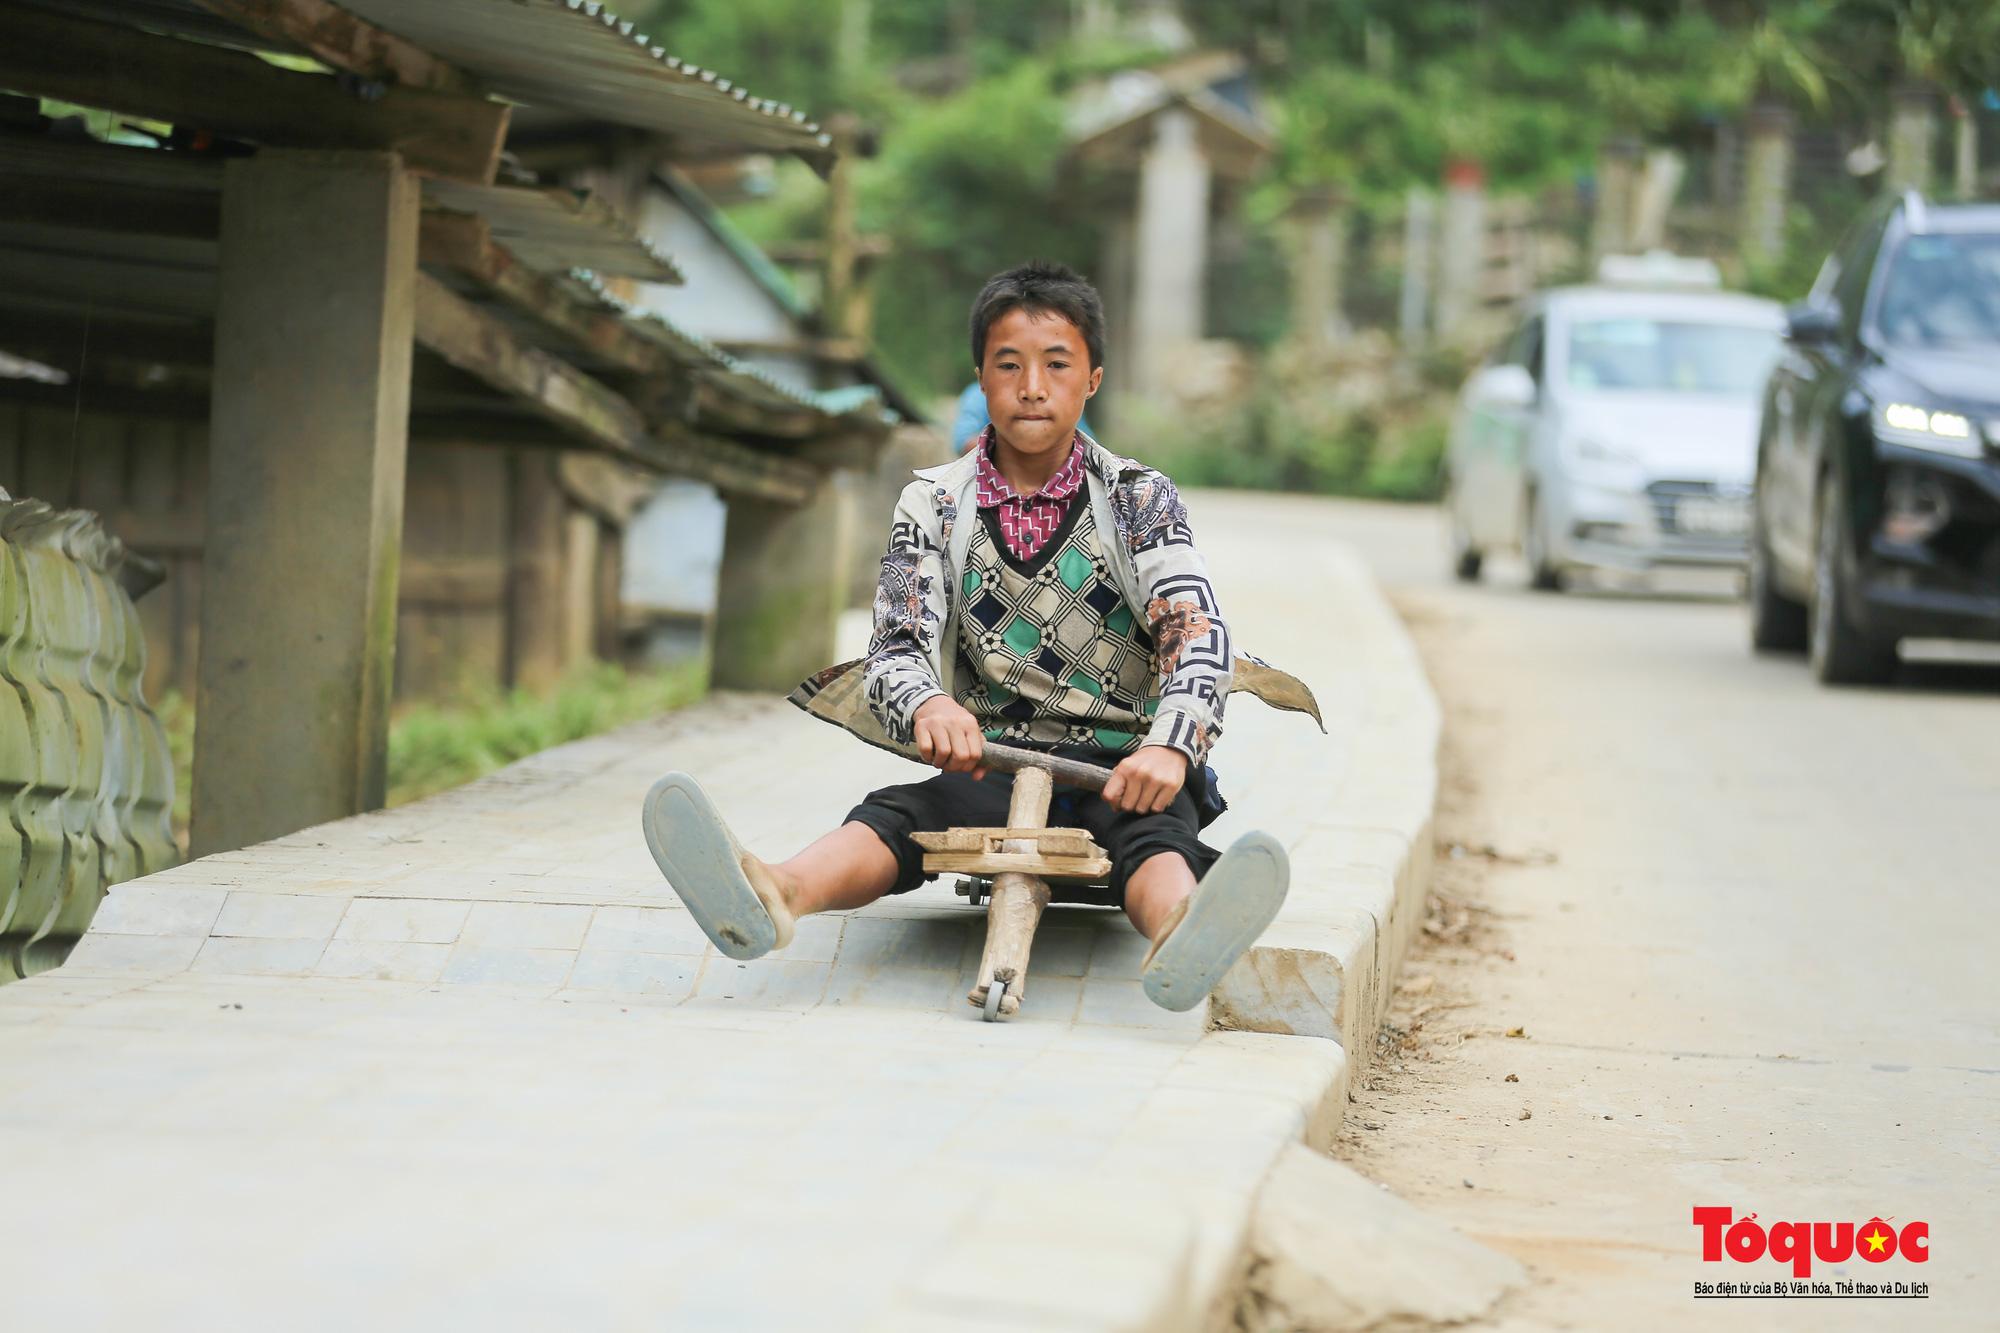 Độc đáo những 'xế' độ bằng gỗ của trẻ em ở vùng cao - Ảnh 5.